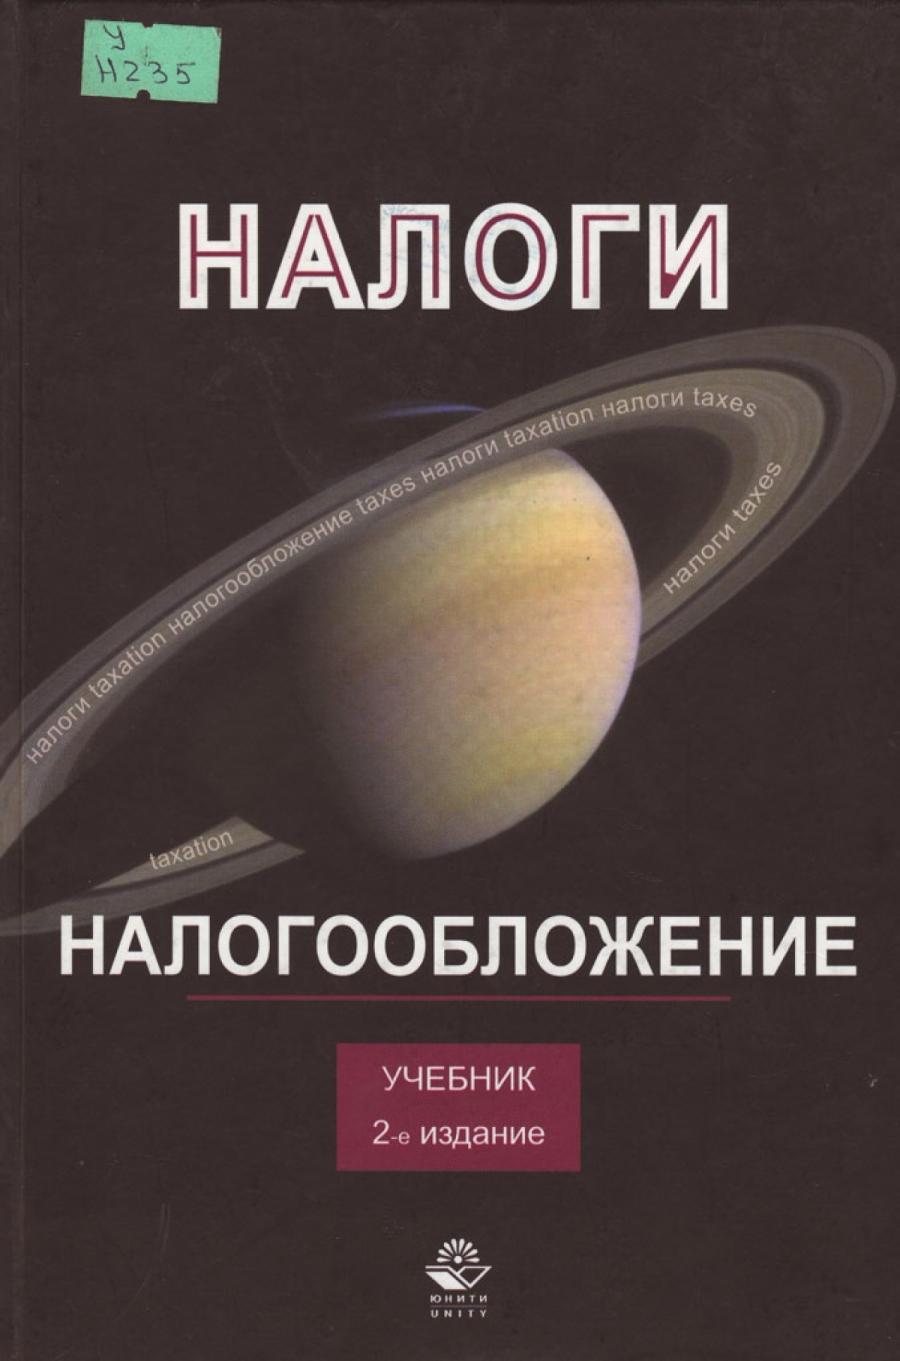 Обложка книги:  майбуров и.а. - налоги и налогообложение (4-е изд.)